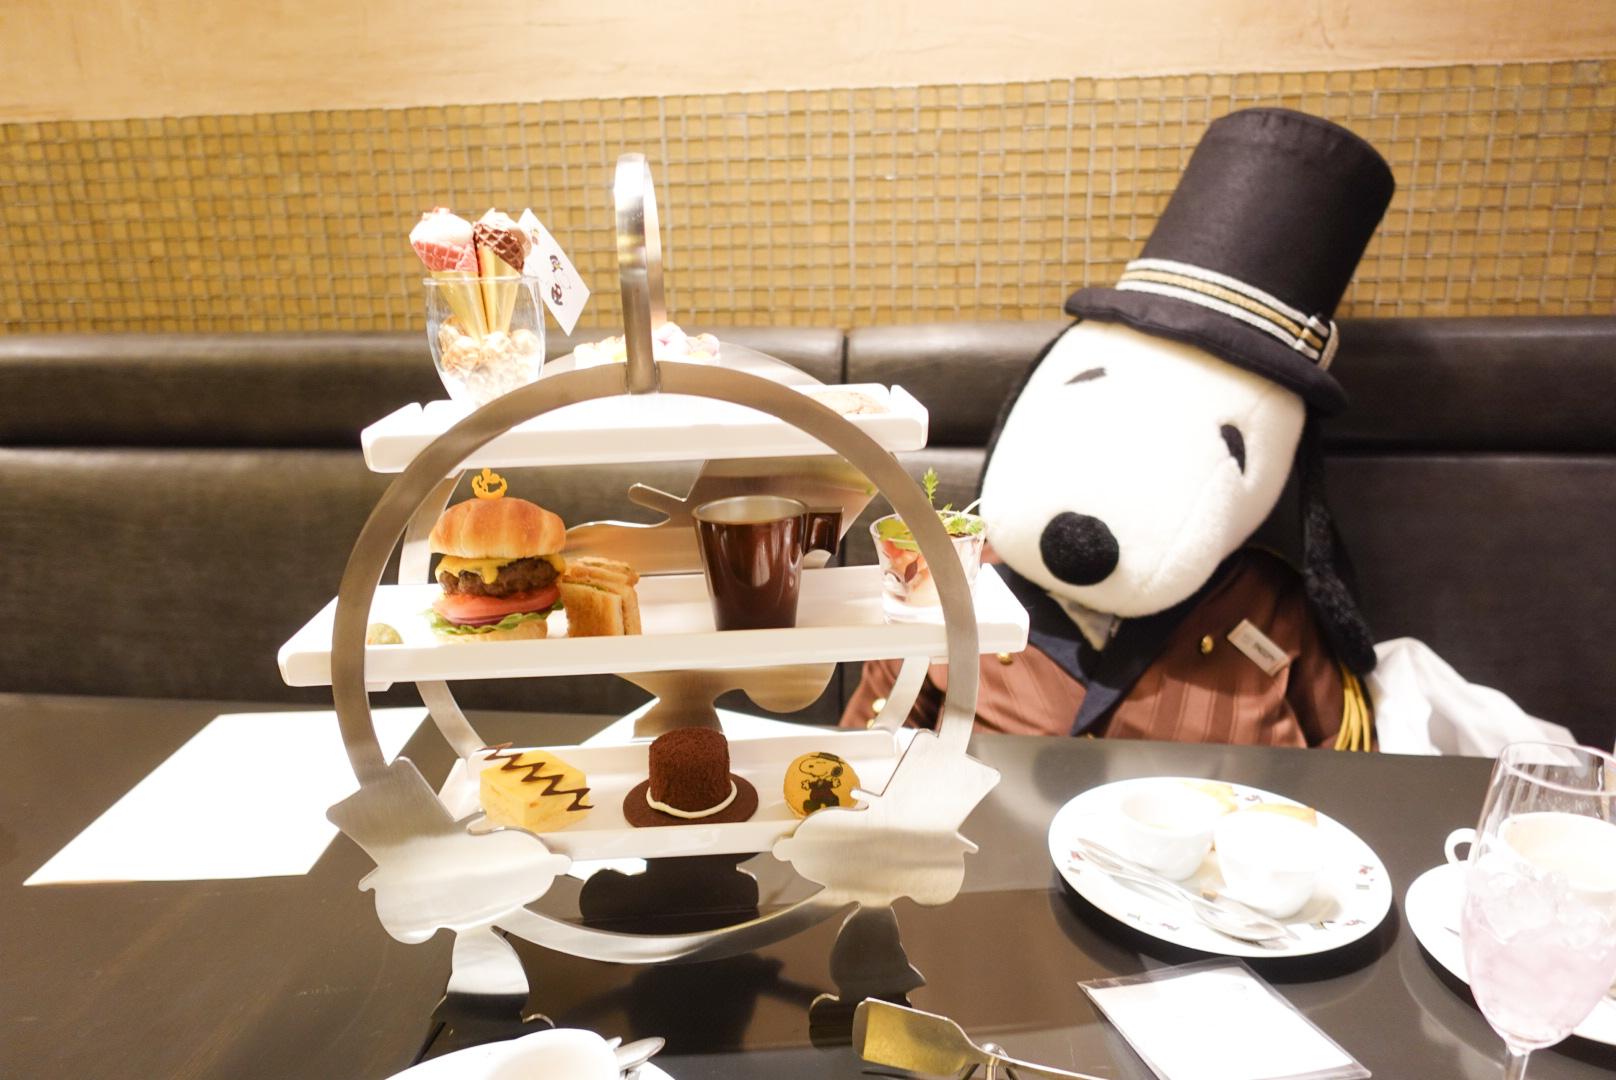 ドアマン・スヌーピーのアフタヌーンティーを帝国ホテル大阪「カフェ クベール」にて堪能★スヌーピーらしいアメリカンな内容で席に大きなドアマンスヌーピーのぬいぐるみの用意も^^_1